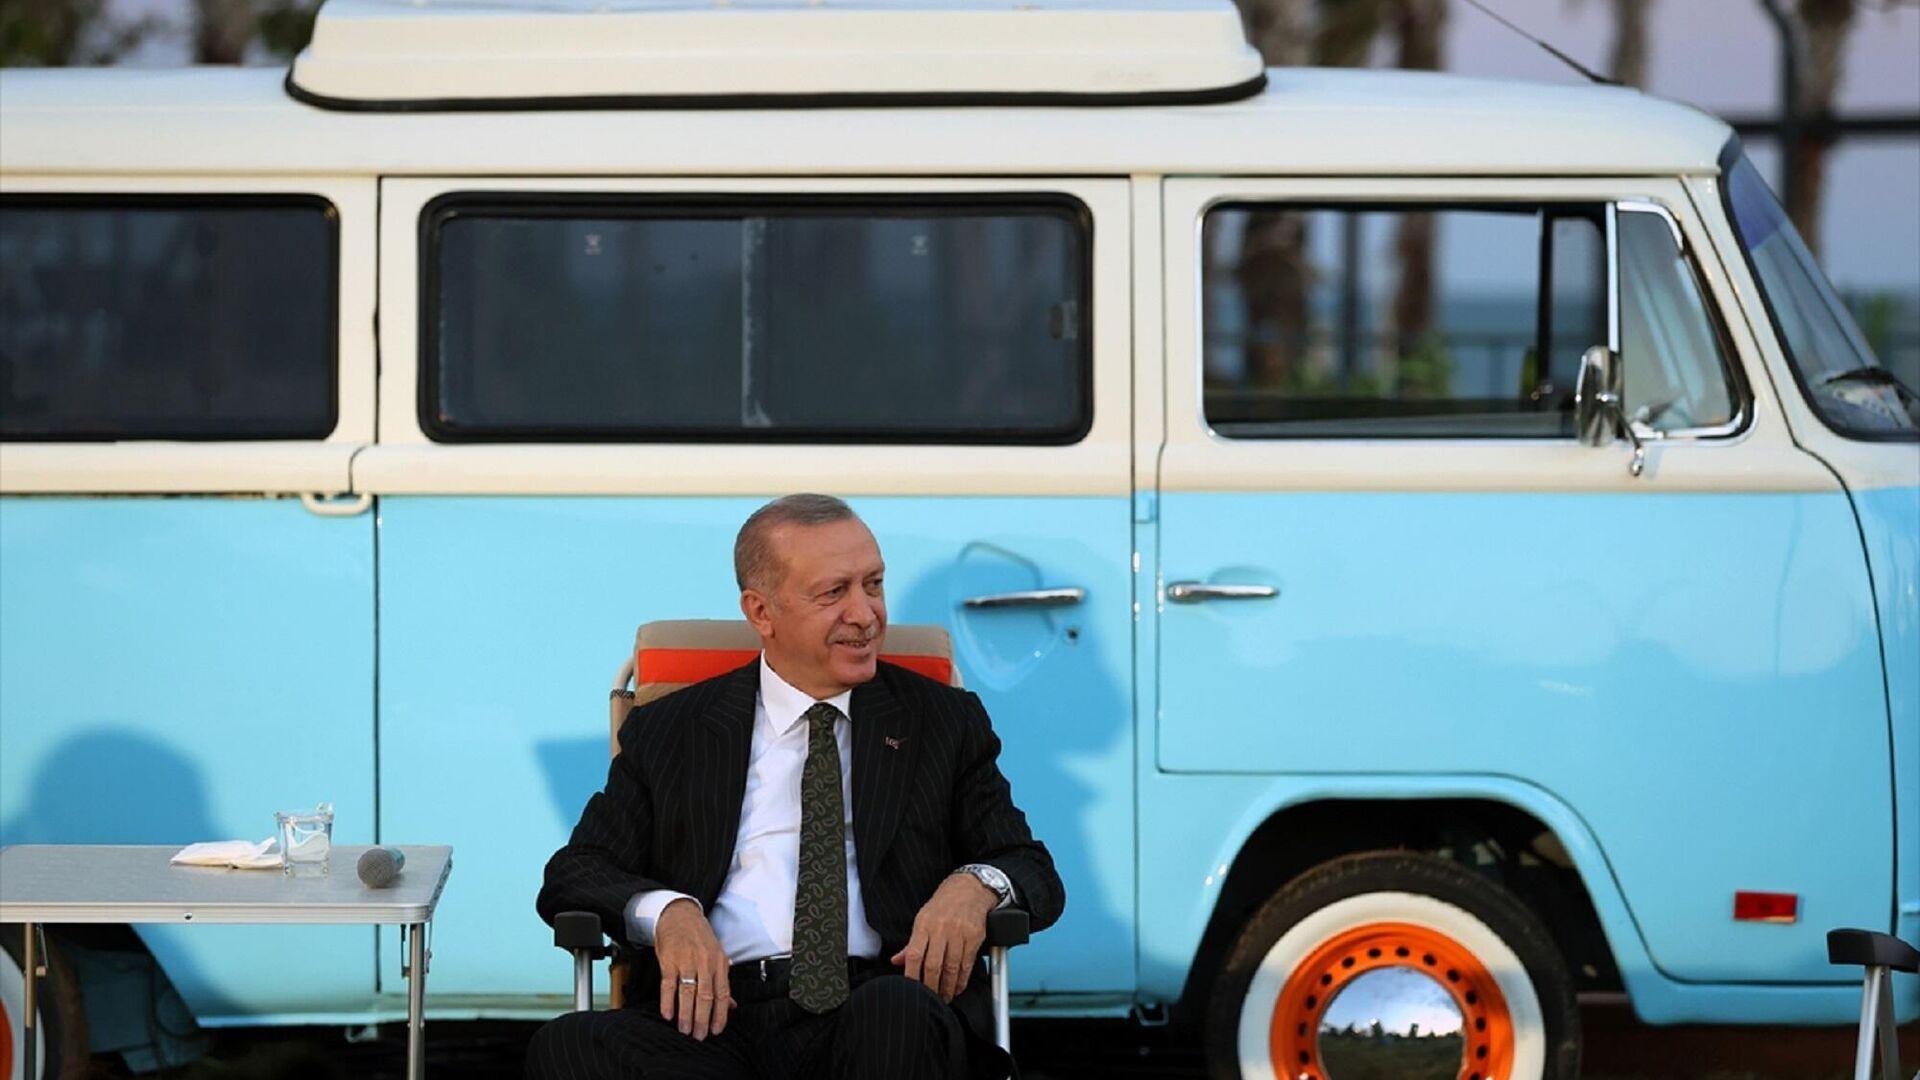 Cumhurbaşkanı Recep Tayyip Erdoğan, Mersin'de 81 ilden üniversite kazanan öğrencilerle gerçekleştirilen Gençlerle Buluşma programına katıldı.  - Sputnik Türkiye, 1920, 18.09.2021